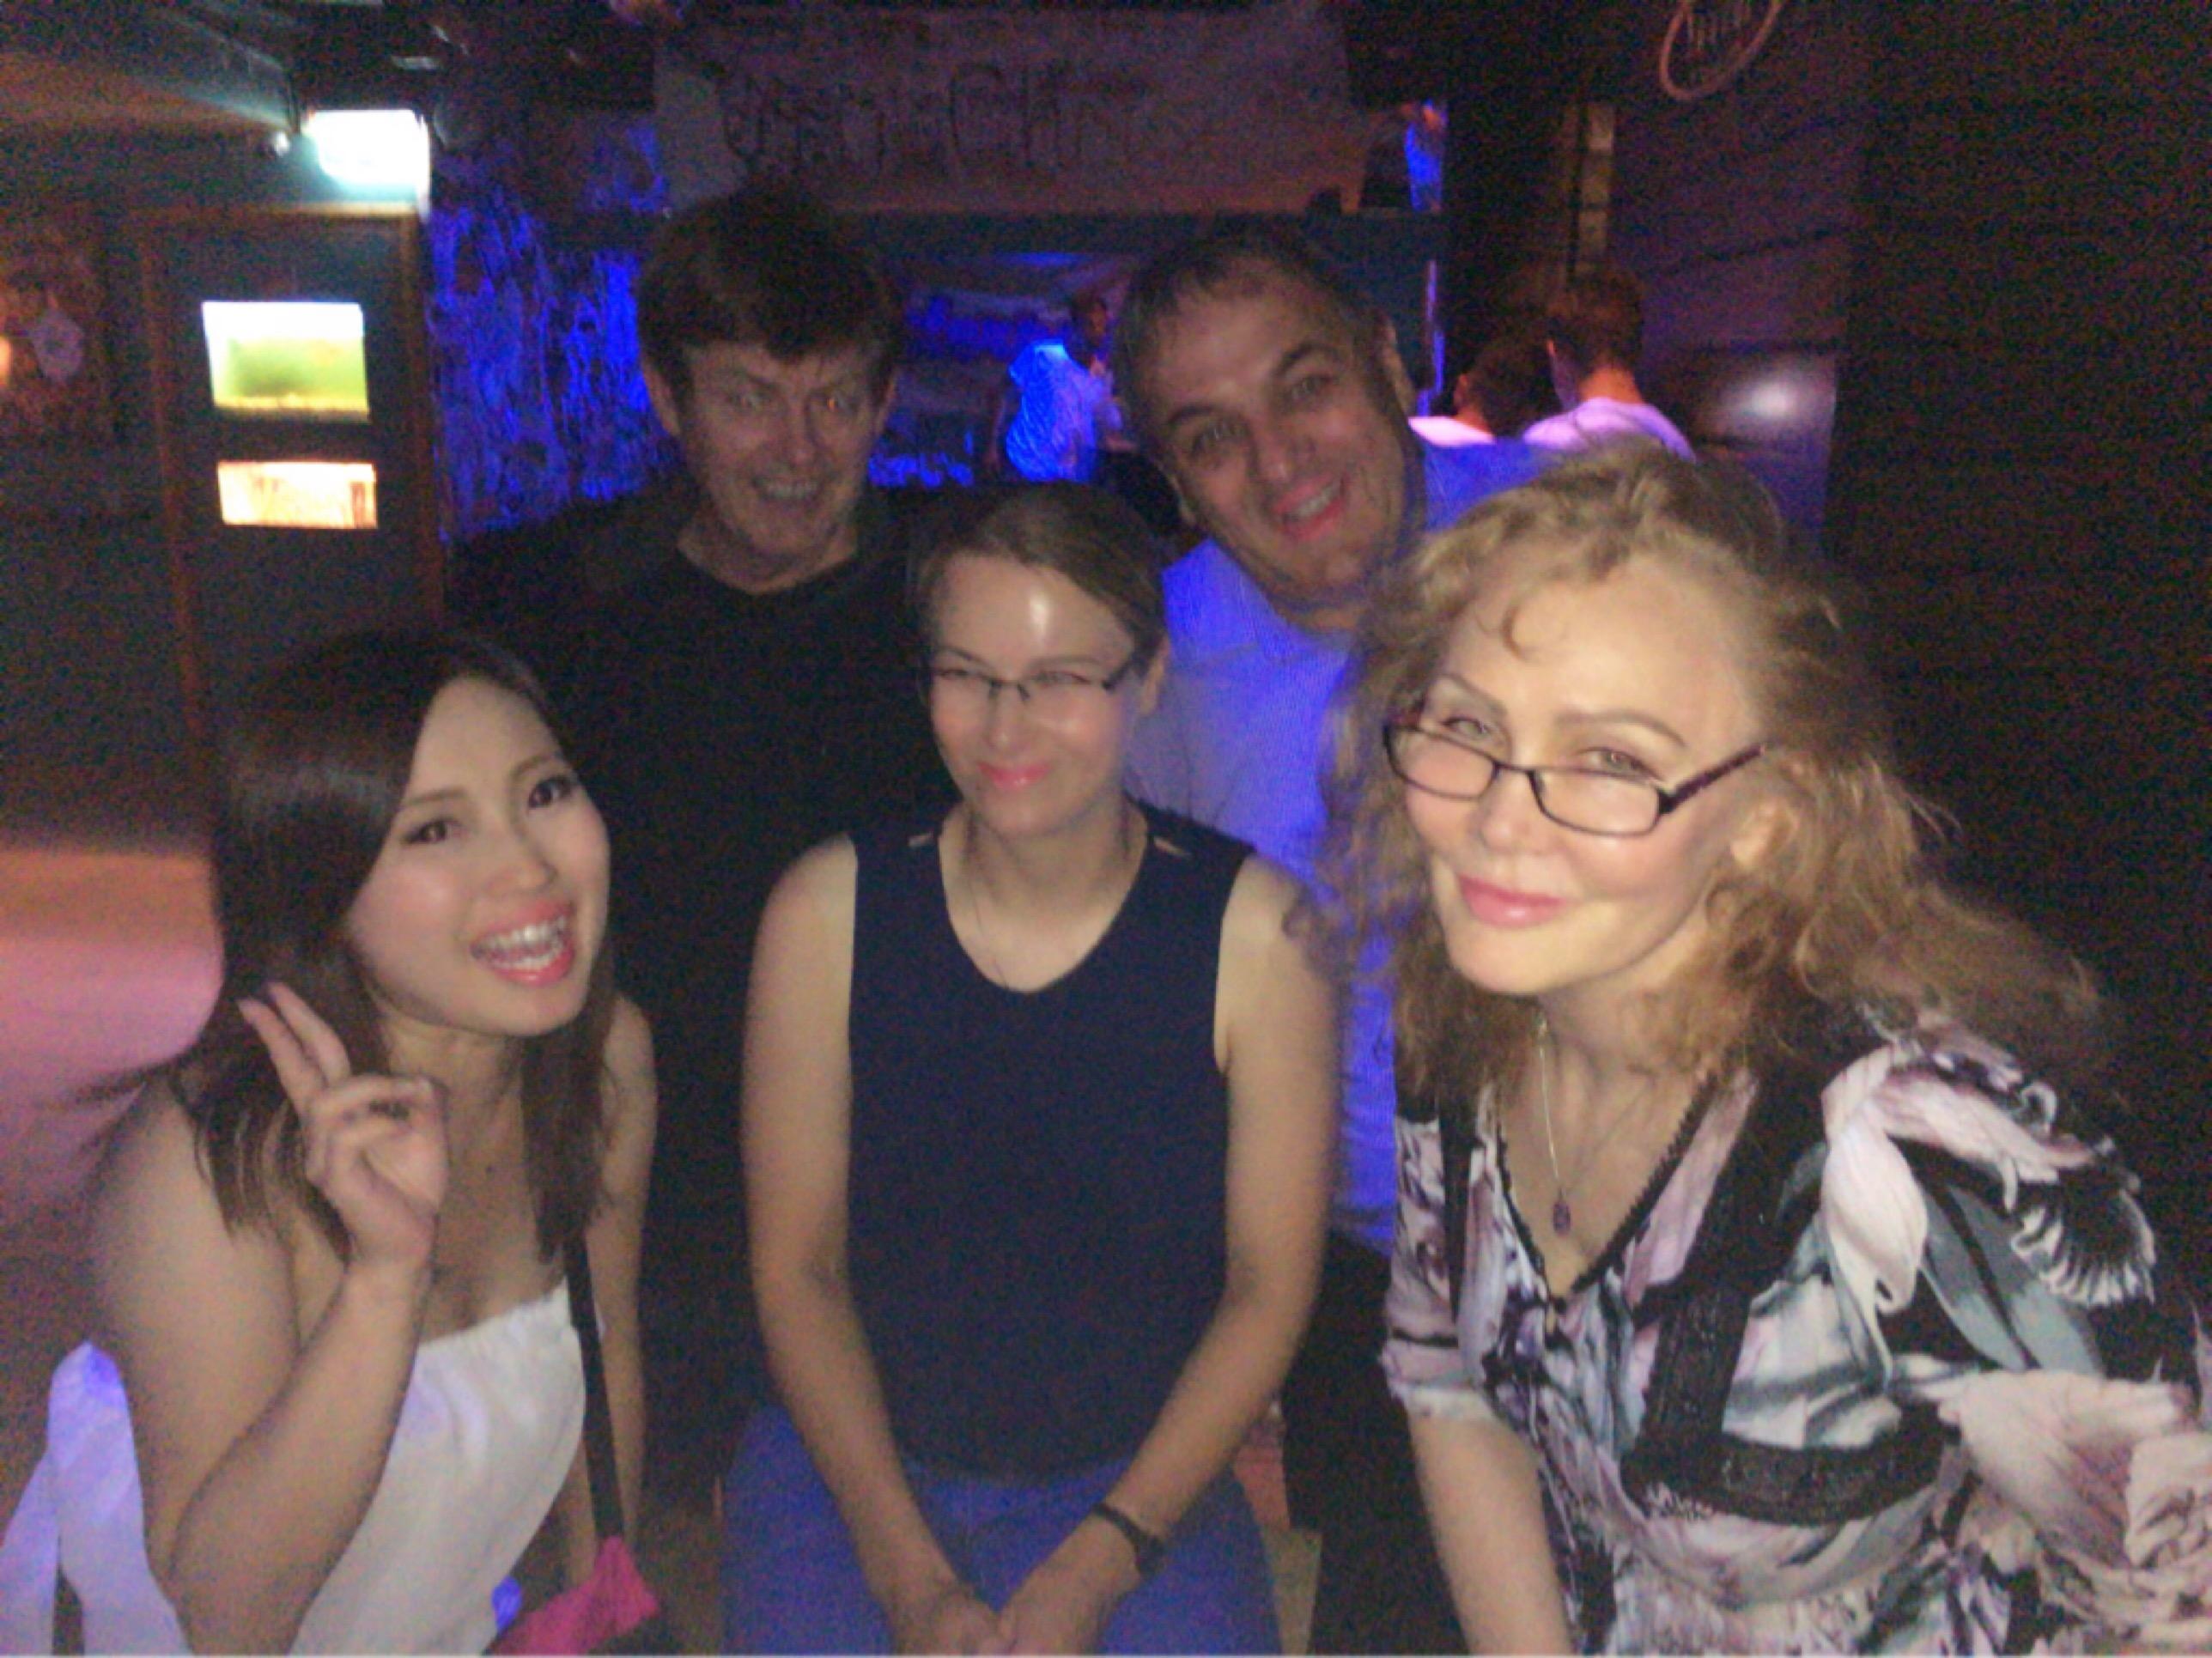 【シドニーで夏のクリスマス】Xmasパーティとゆーかただのピザ食べ放題party笑